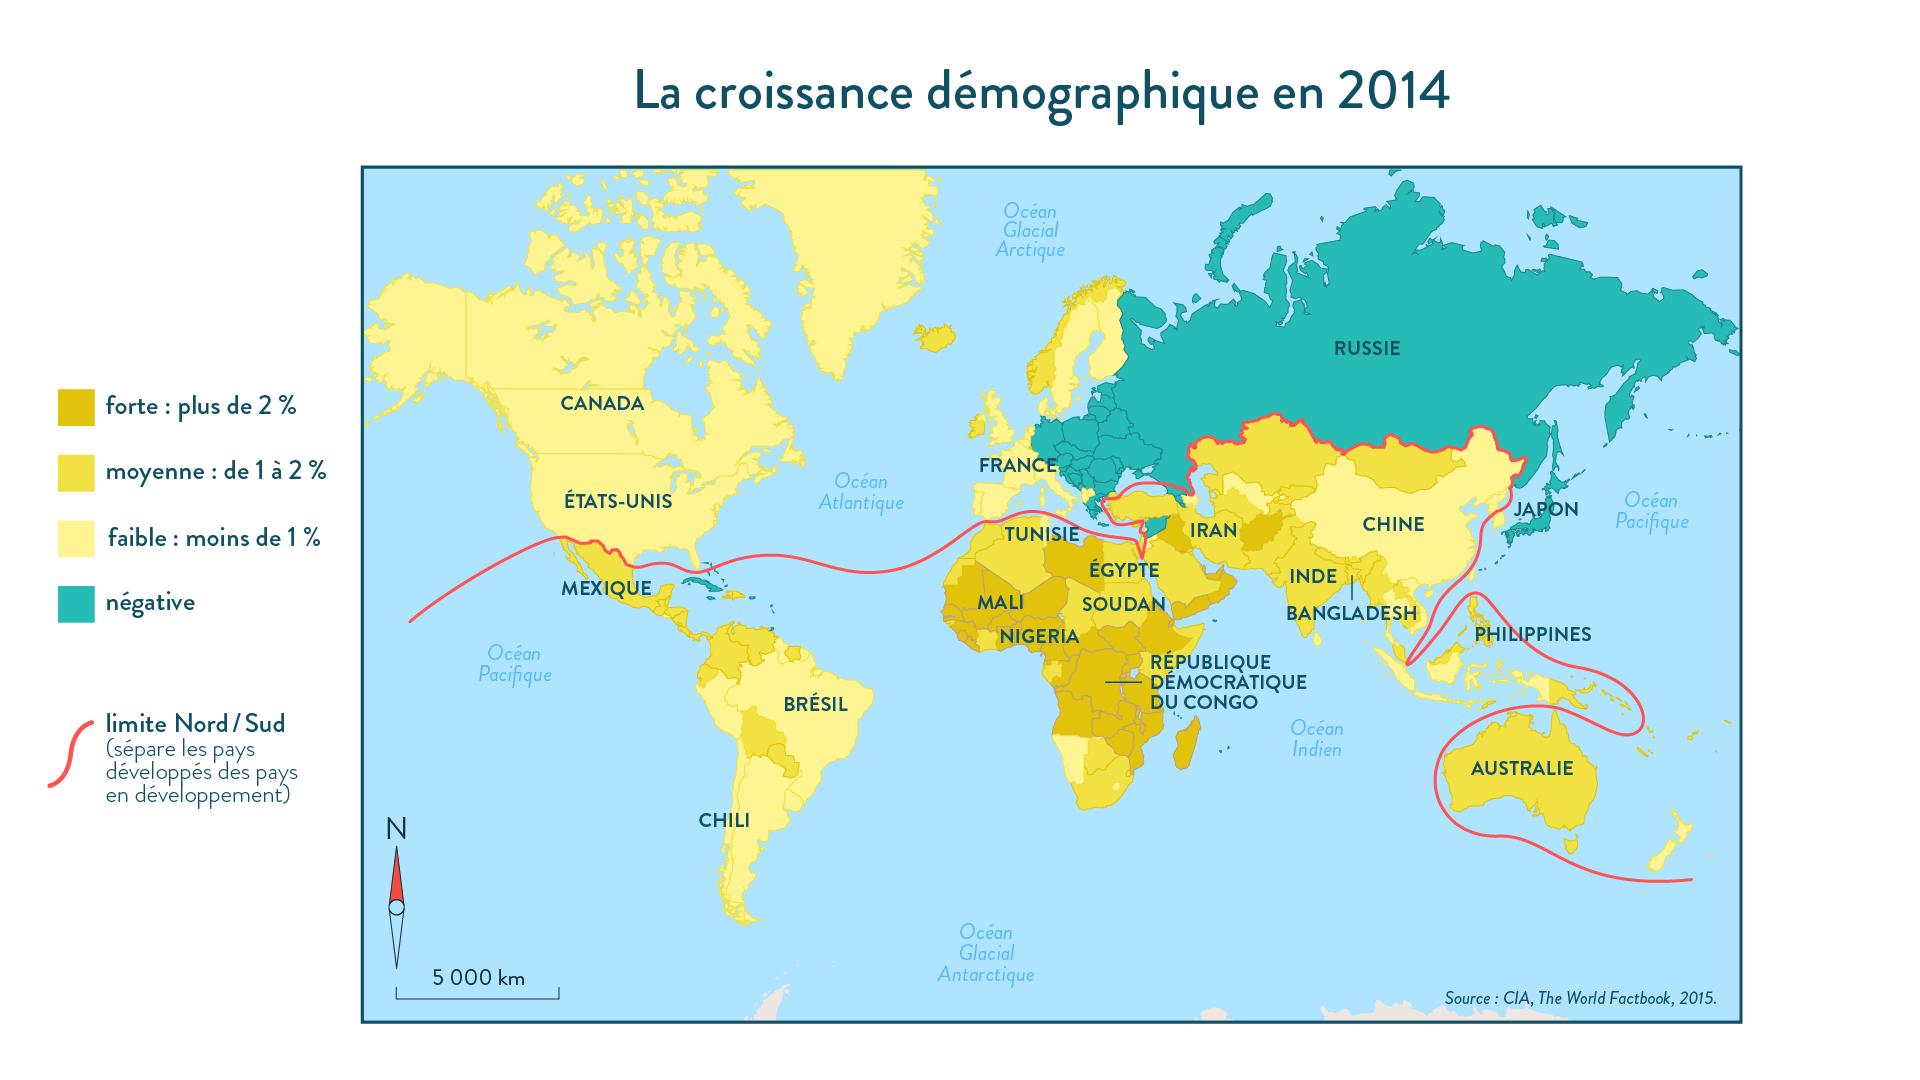 6e-géographie-SchoolMouv - La croissance démographique en 2014